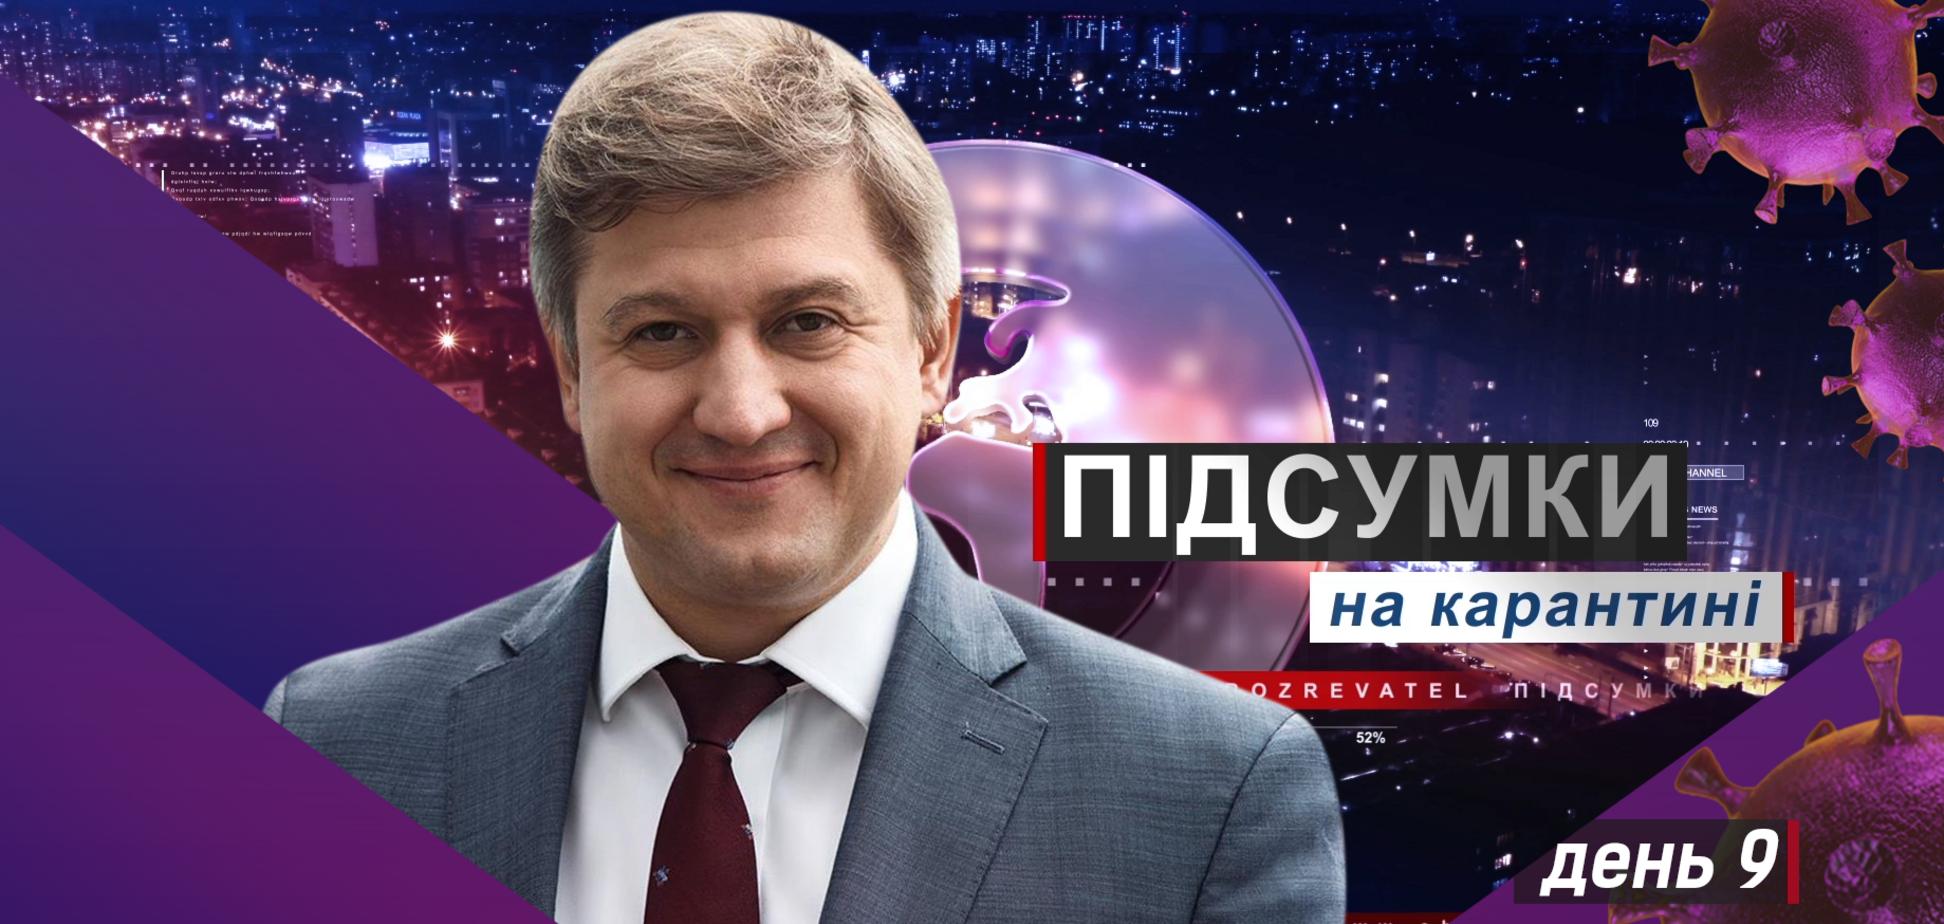 Продовження карантину в Україні: Данилюк назвав наслідки для економіки